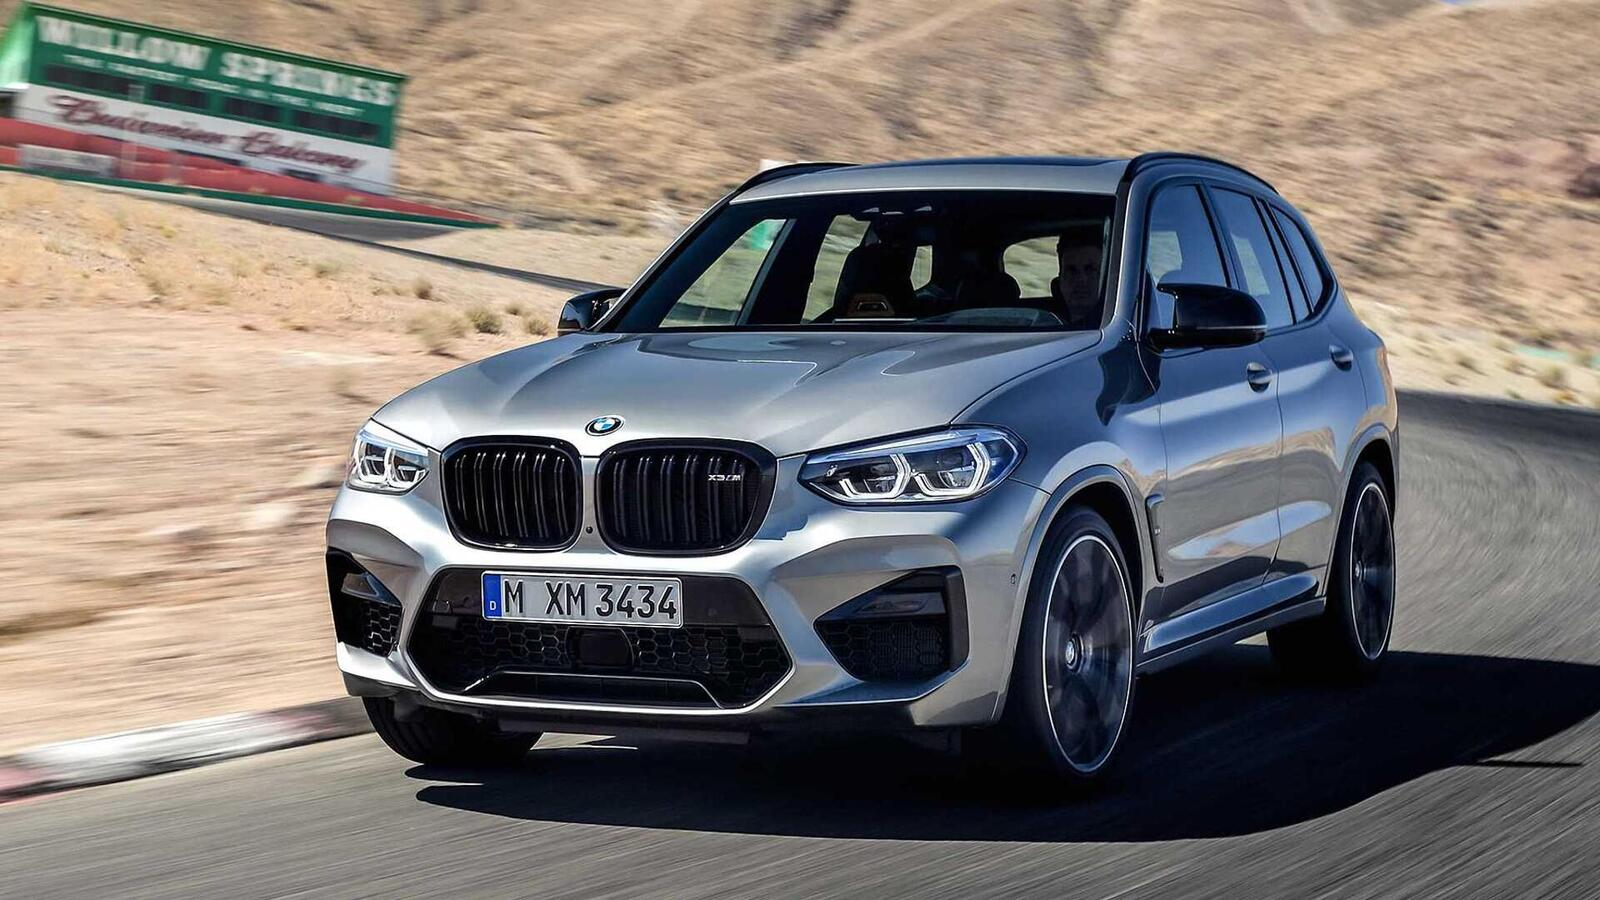 BMW X3 M và X4 M 2020 chính thức ra mắt: Mang trong mình sức mạnh từ 473 - 503 mã lực - Hình 14